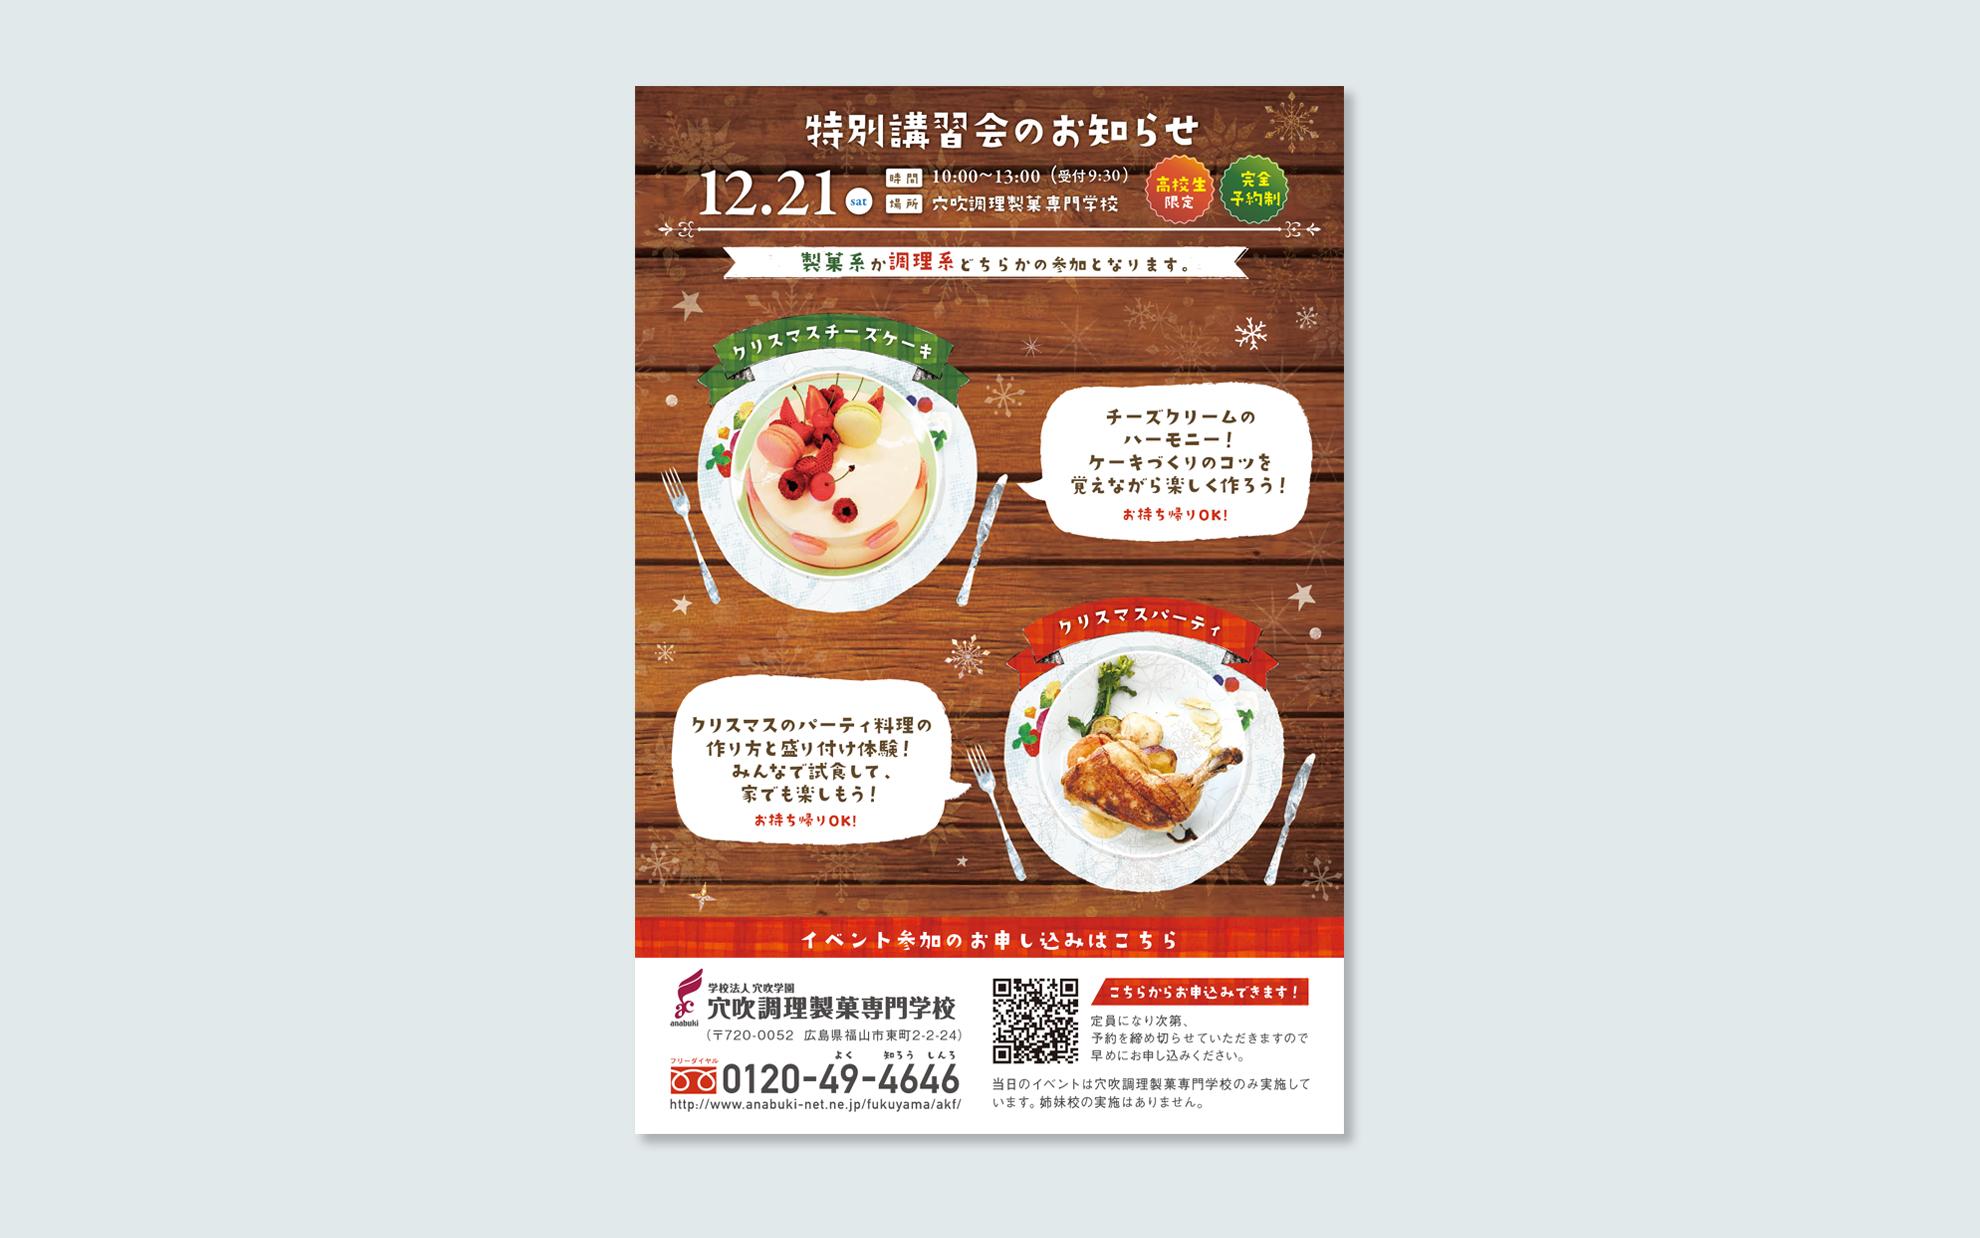 調理製菓専門学校DM